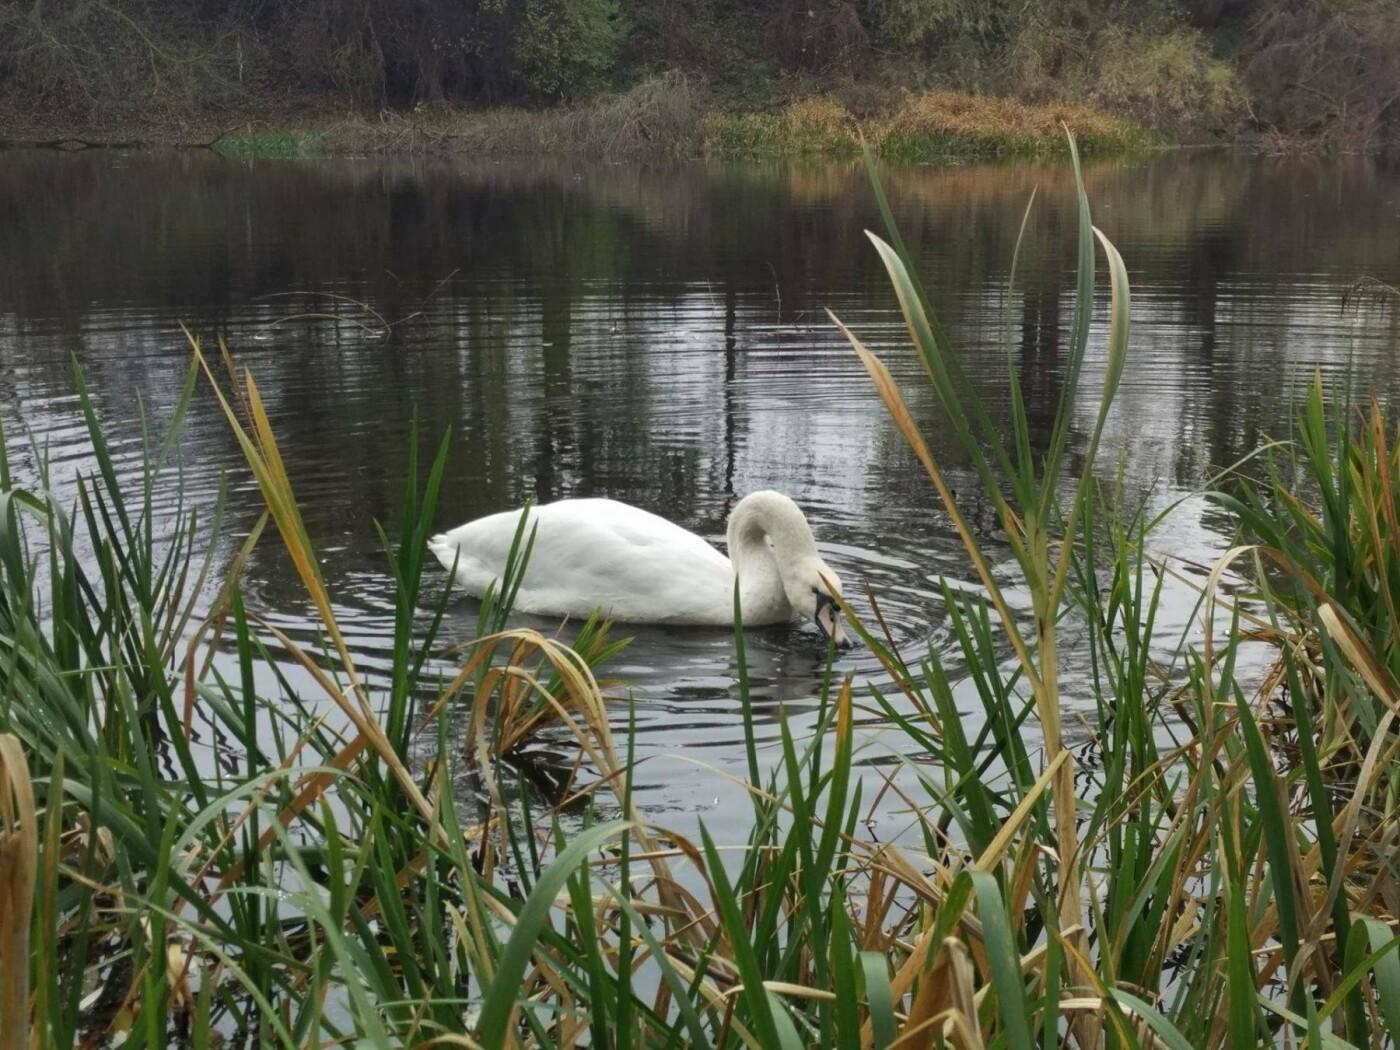 В Изяслав за птицей: Киевская команда спасения животных спасла лебедя, фото-2